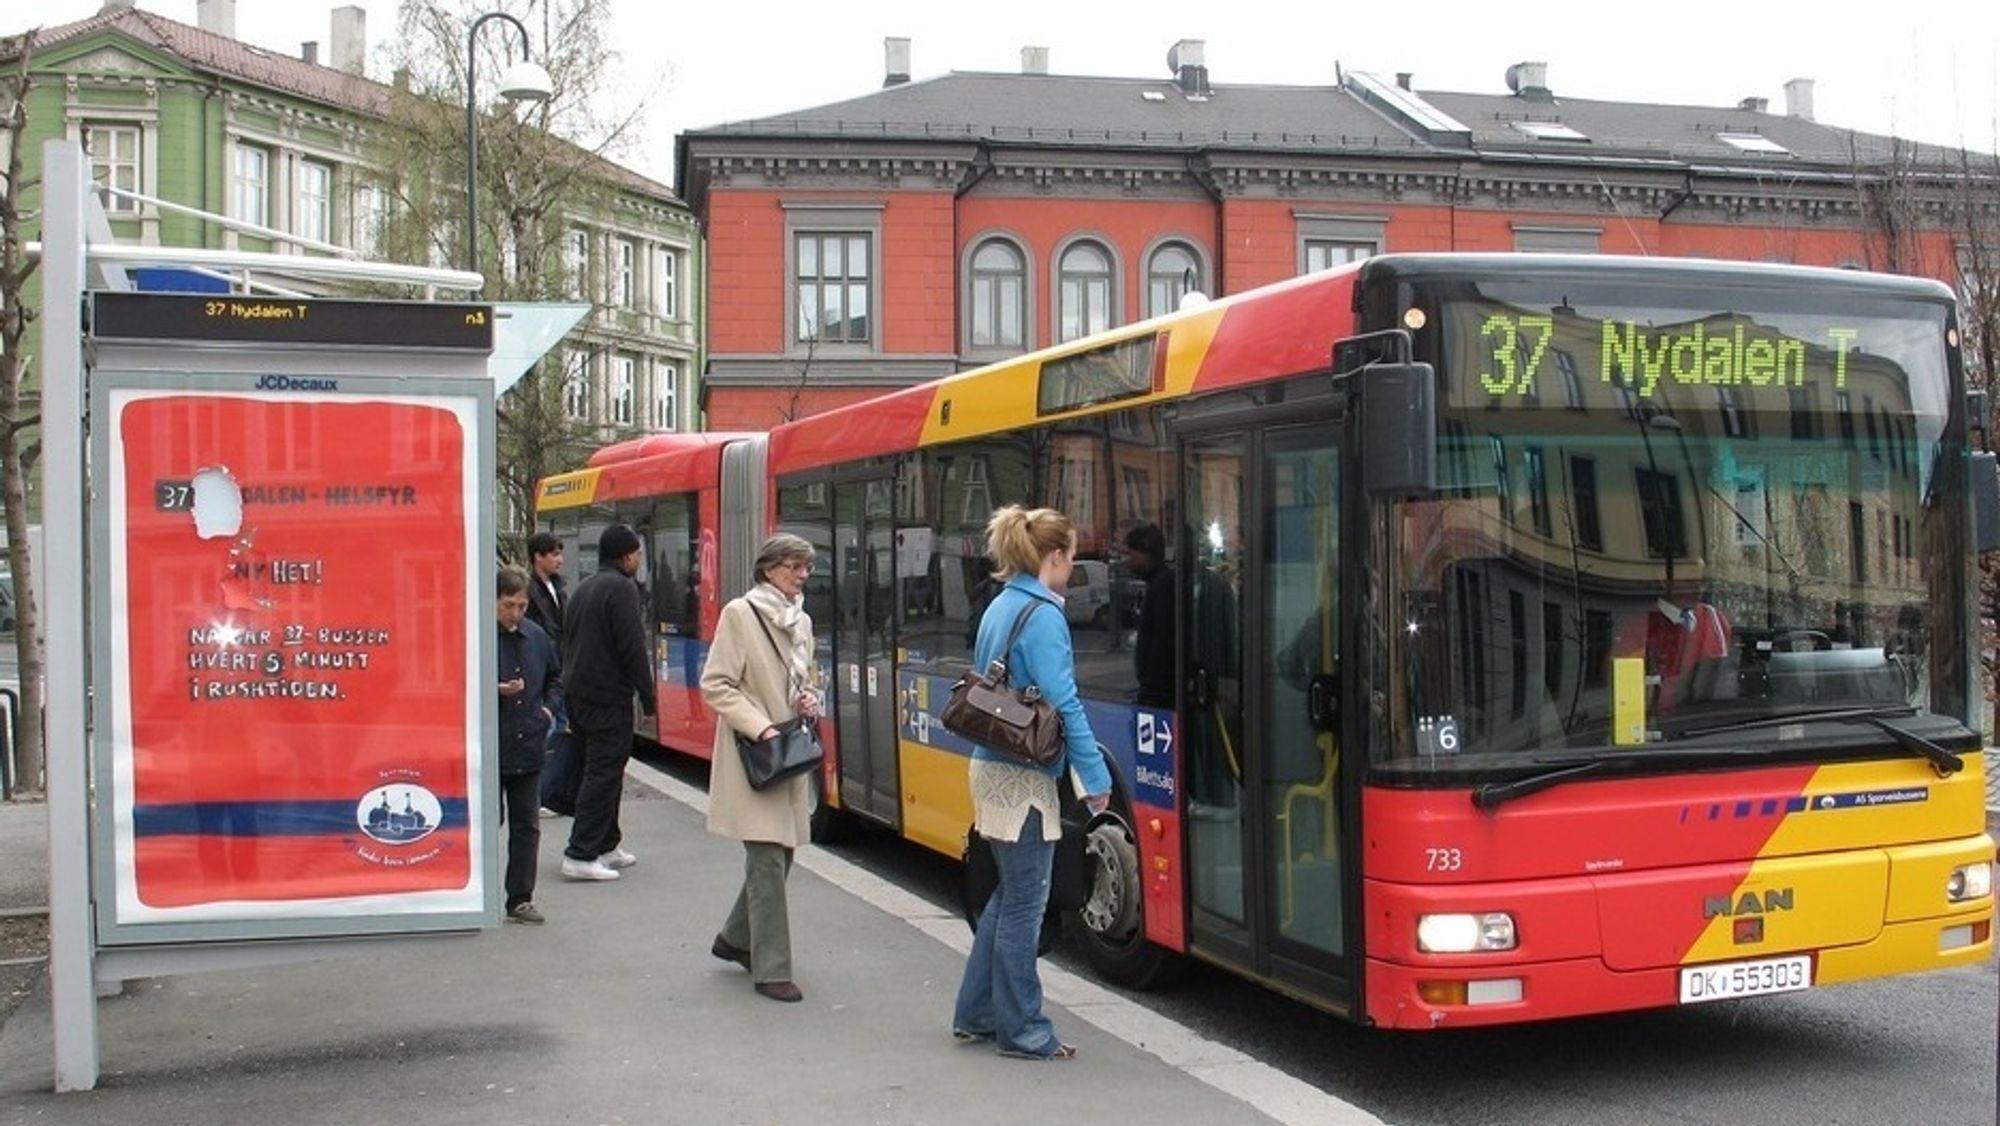 Oslo Sporveier vil ta på seg å evakuere Oslos befolkning i tilfelle pandemier eller andre krisesituasjoner.